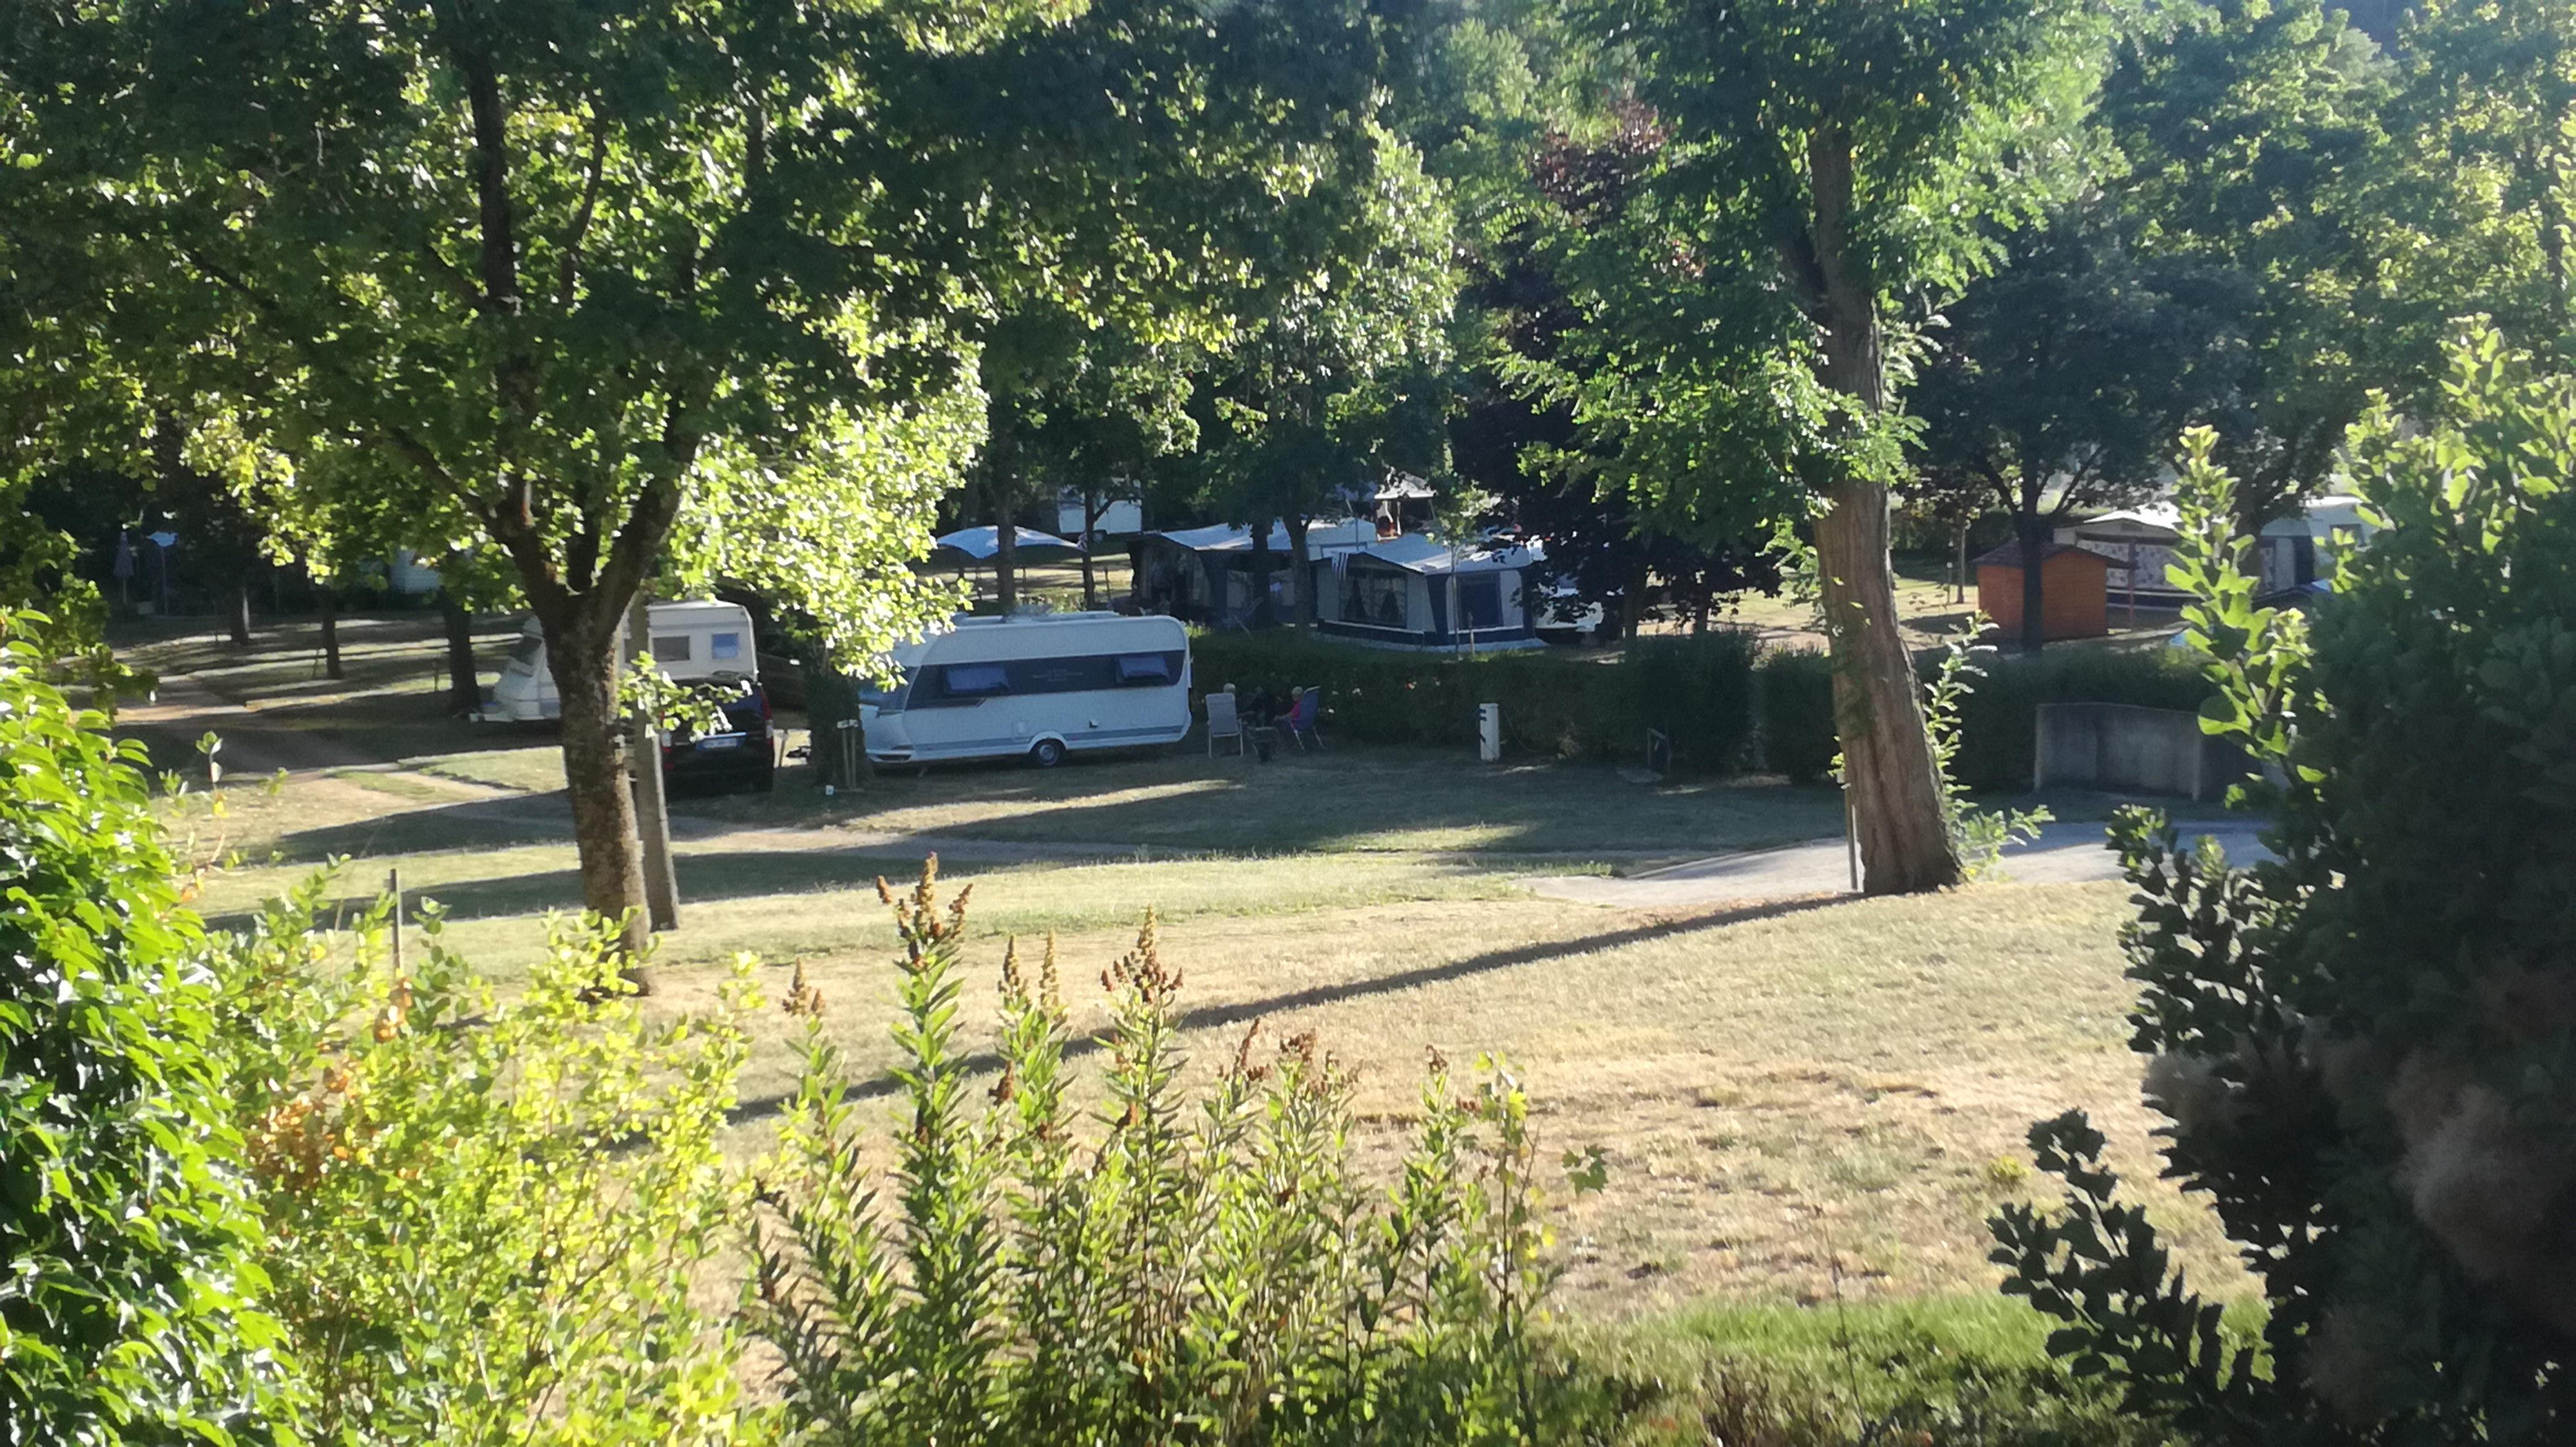 Camping de L'orangerie, Boën-sur-Lignon, Loire